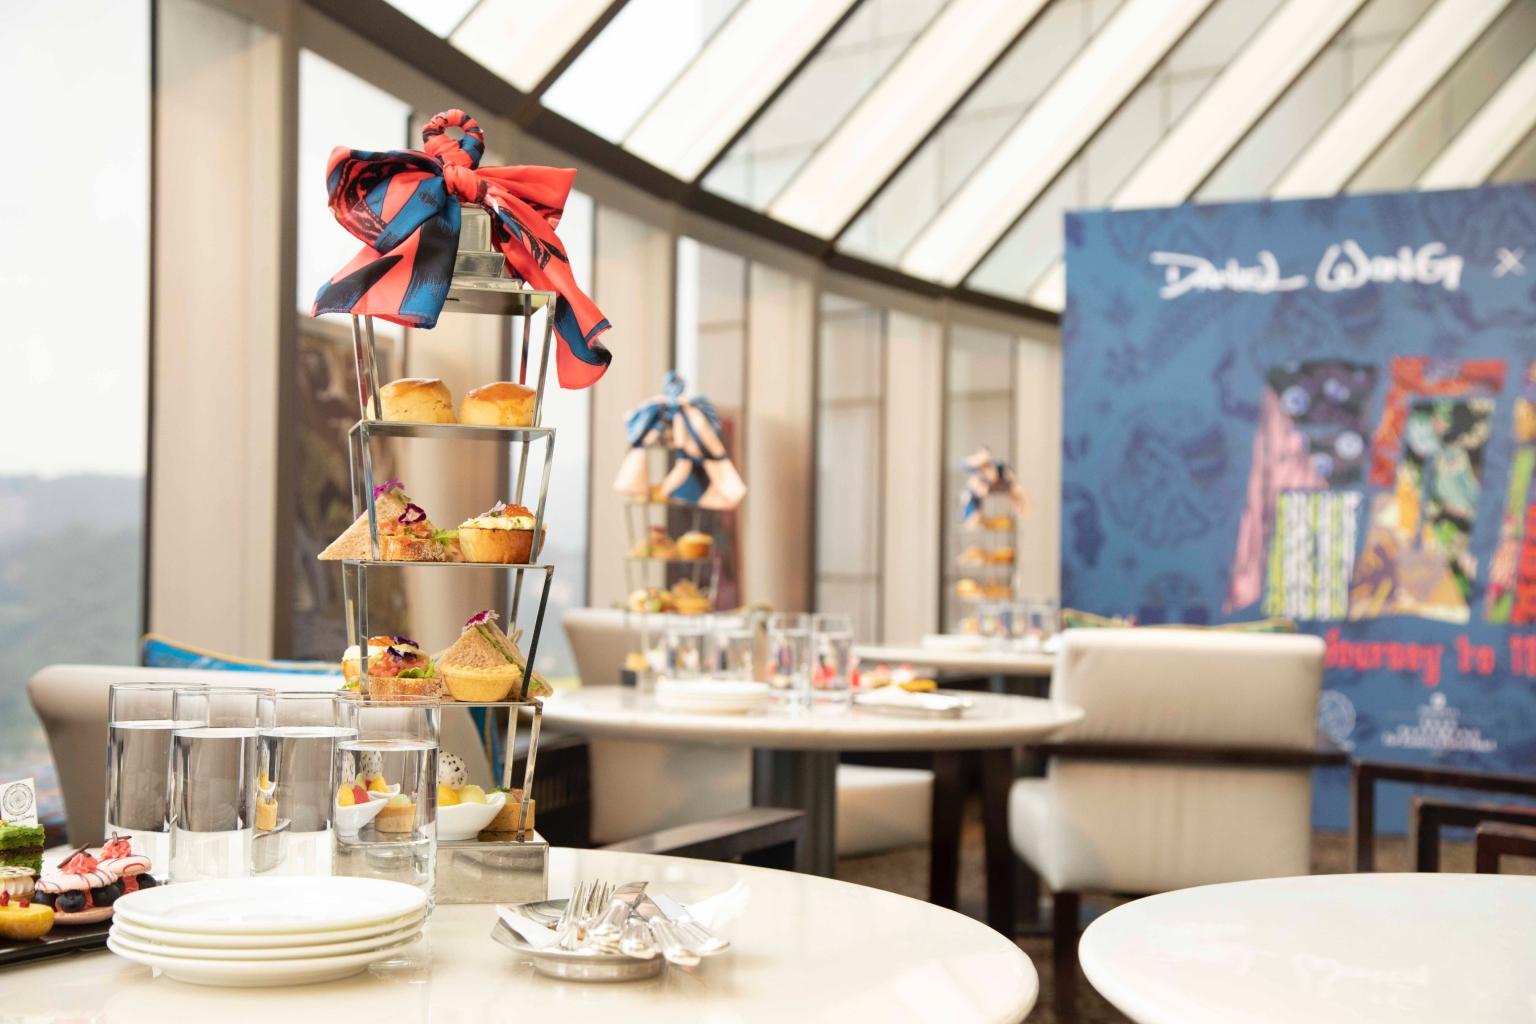 香格里拉台北遠東國際大飯店馬可波羅酒廊期間限定 《啟程journey To 100 Prints》聯名下午茶